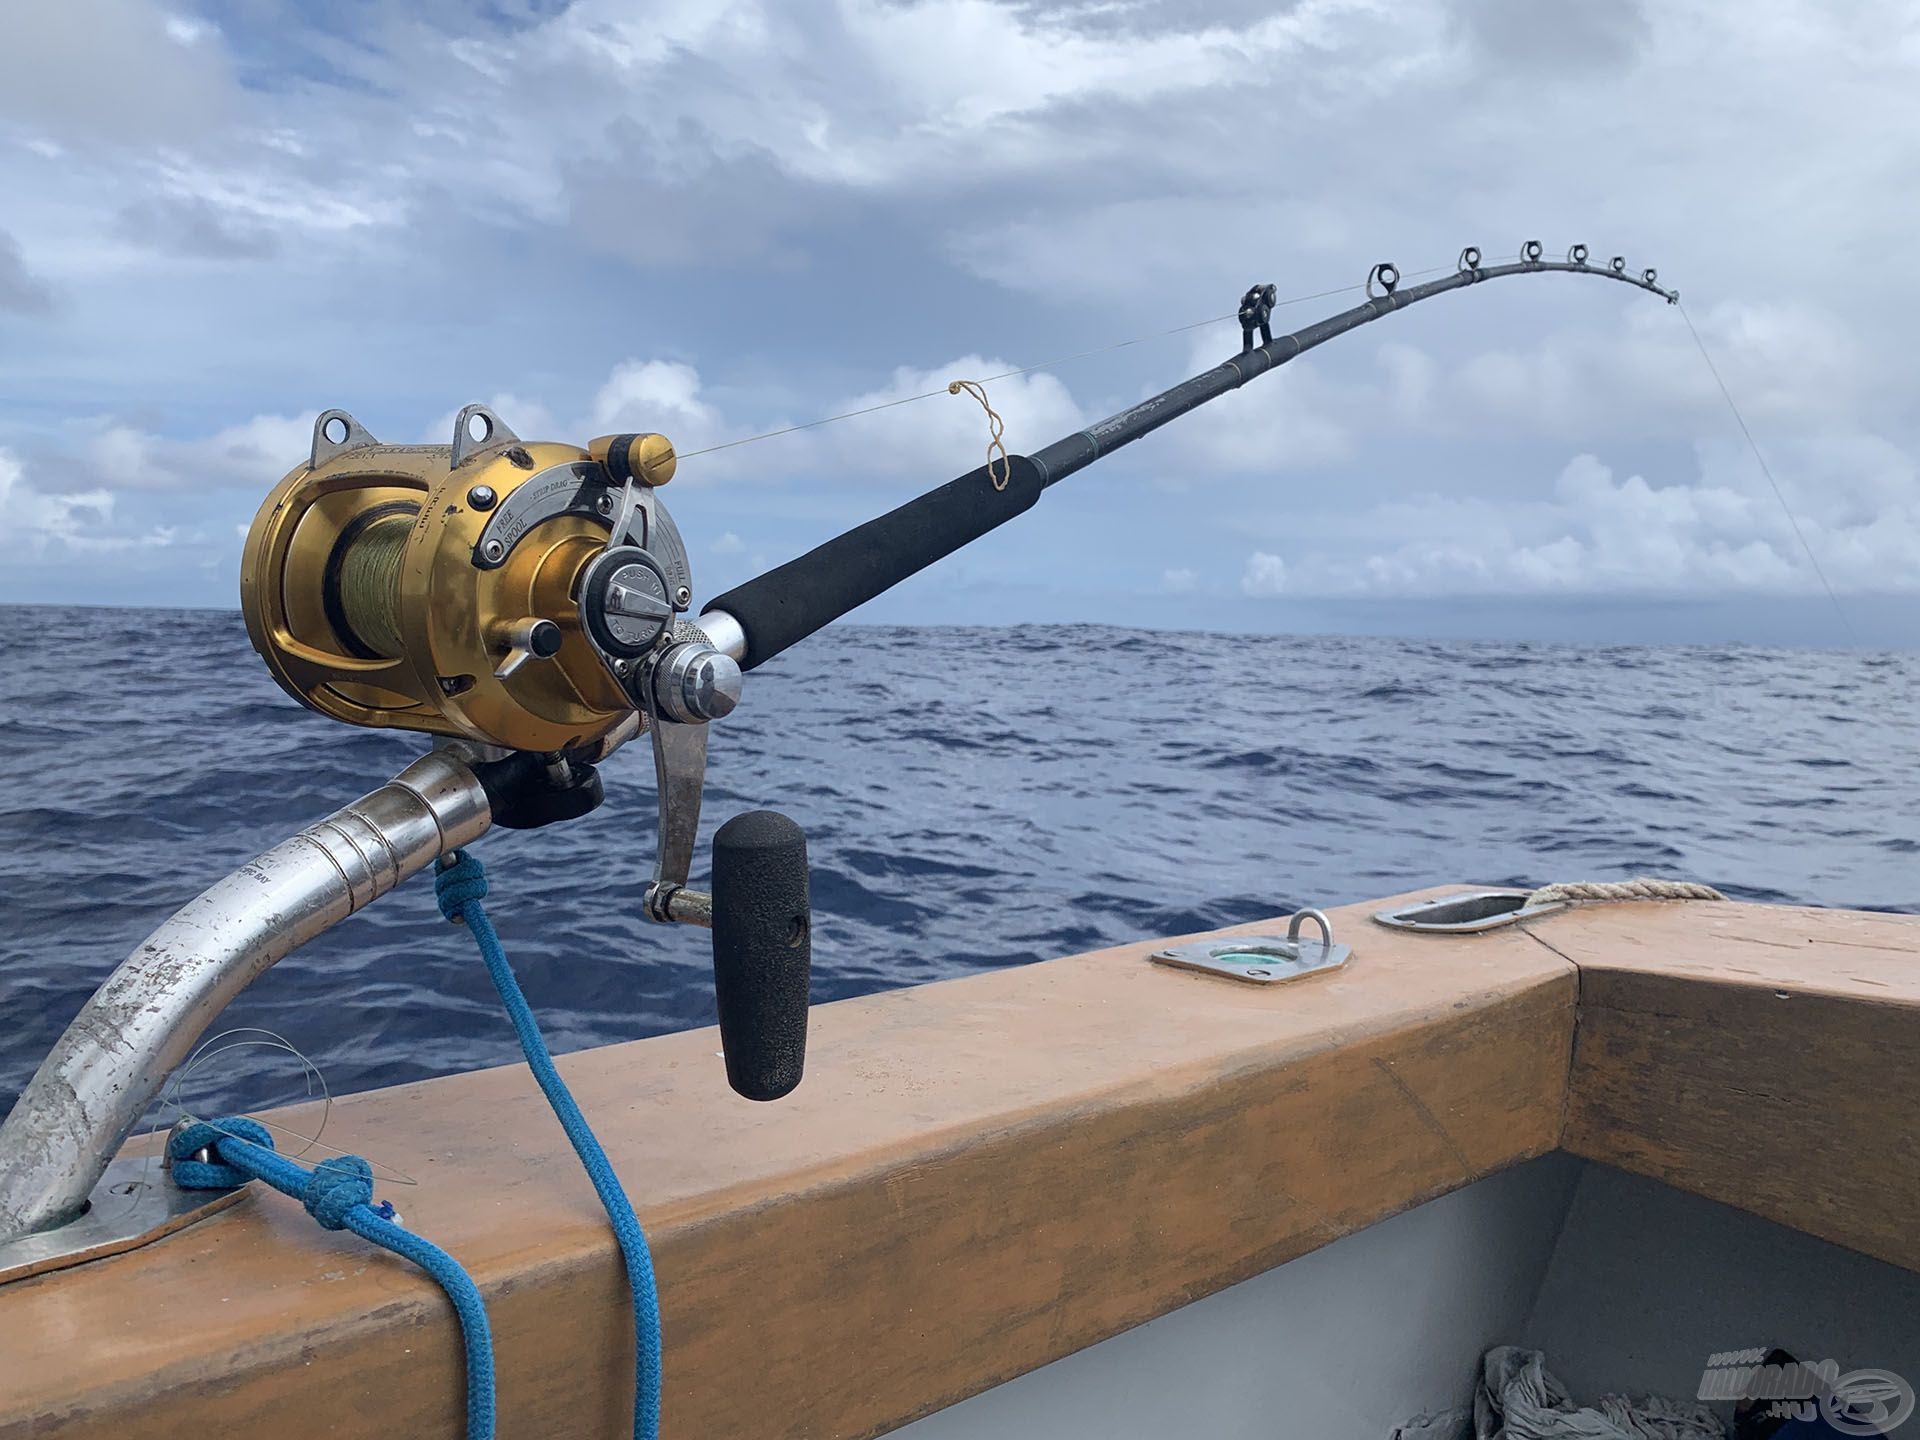 A nagymennyiségű szabad zsinór miatt – a gubancolódás elkerülése érdekében – csupán egyetlen bottal lehet ekkor horgászni